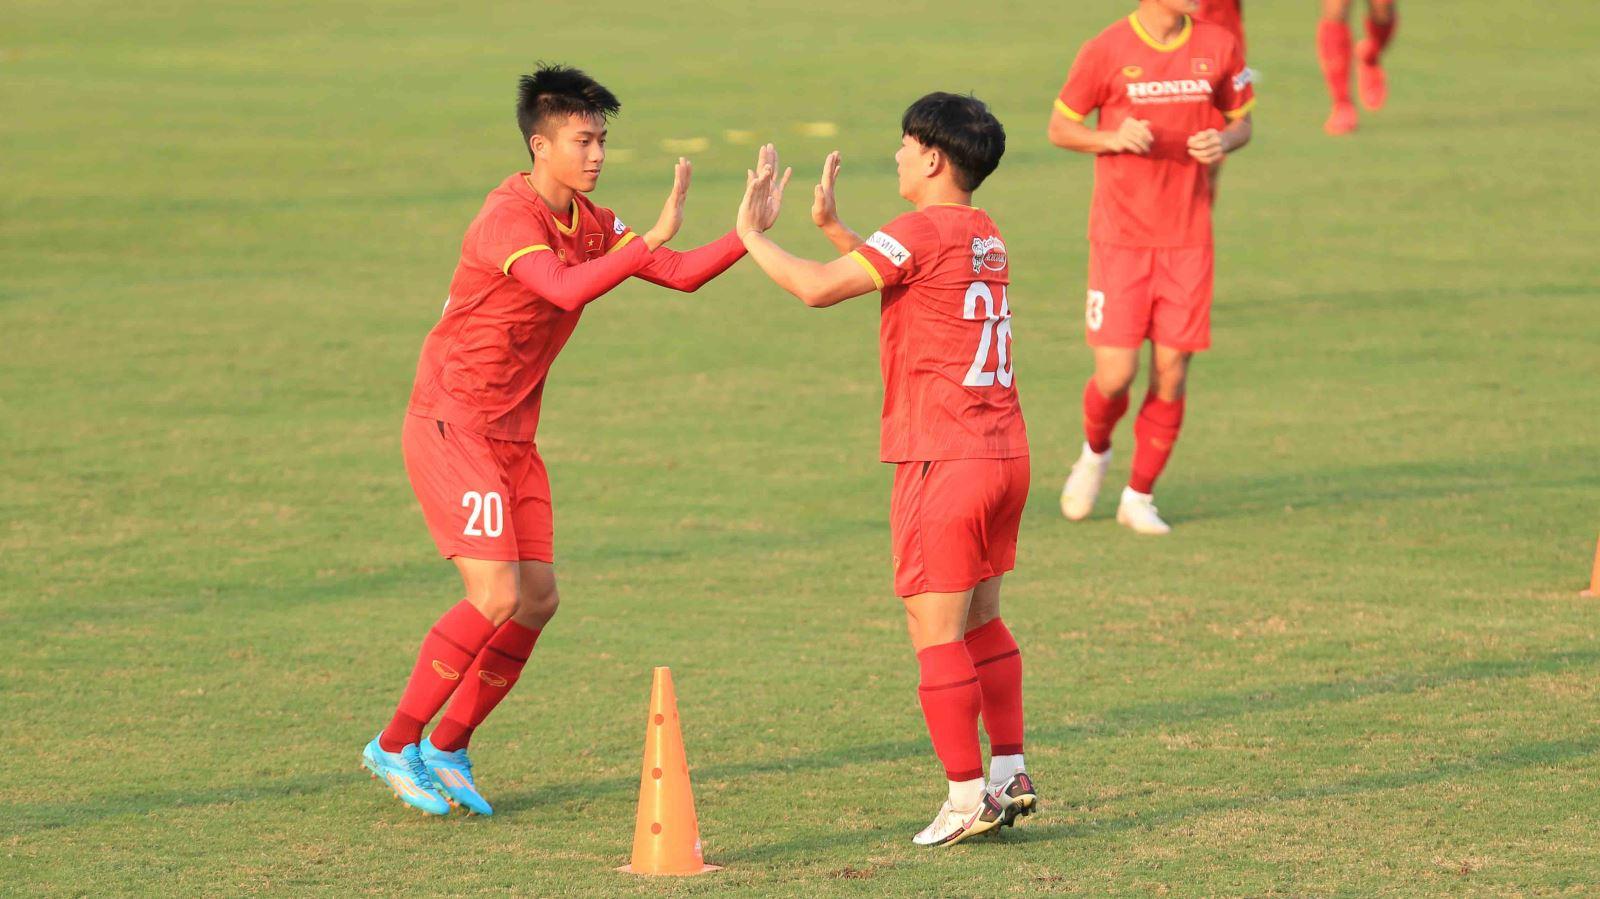 bóng đá Việt Nam, tin tức bóng đá, ĐT Việt Nam, dtvn, tuyển Việt Nam, Park Hang Seo, trực tiếp đội tuyển Việt Nam tập tại UAE, bảng G vòng loại World Cup